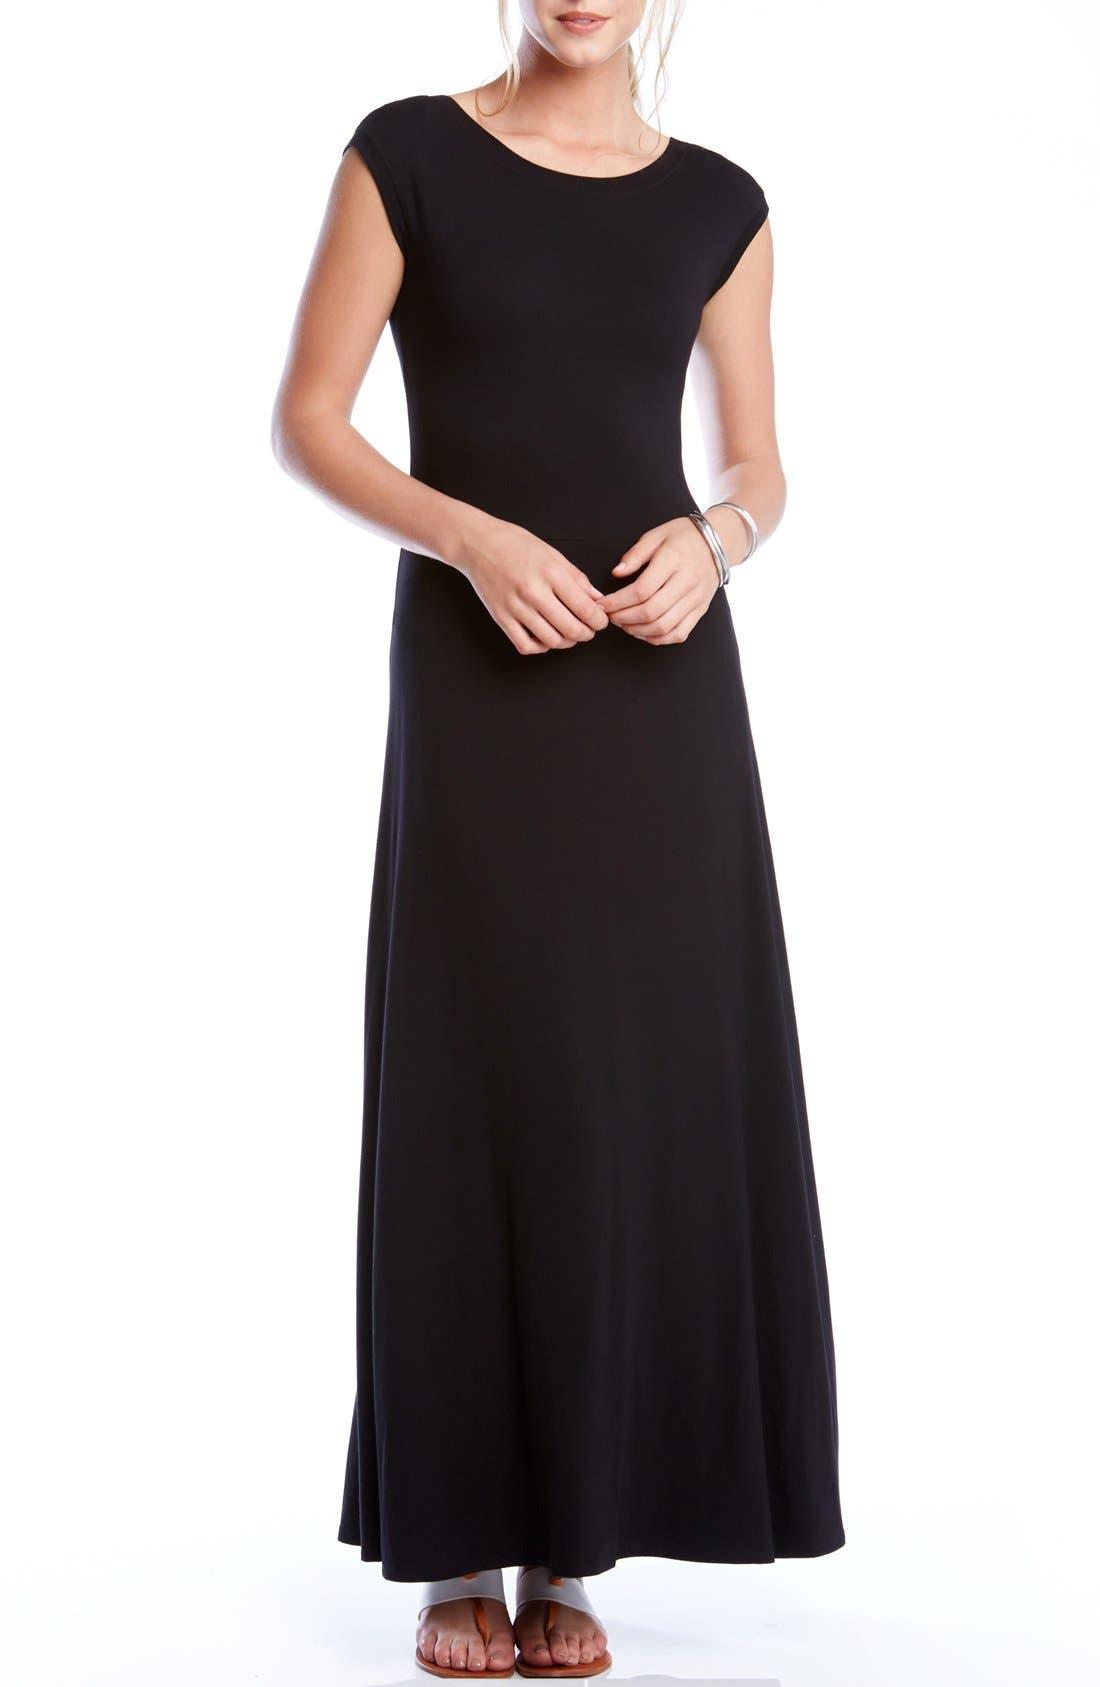 KAREN KANE, V-Back A-Line Maxi Dress, Main thumbnail 1, color, BLACK